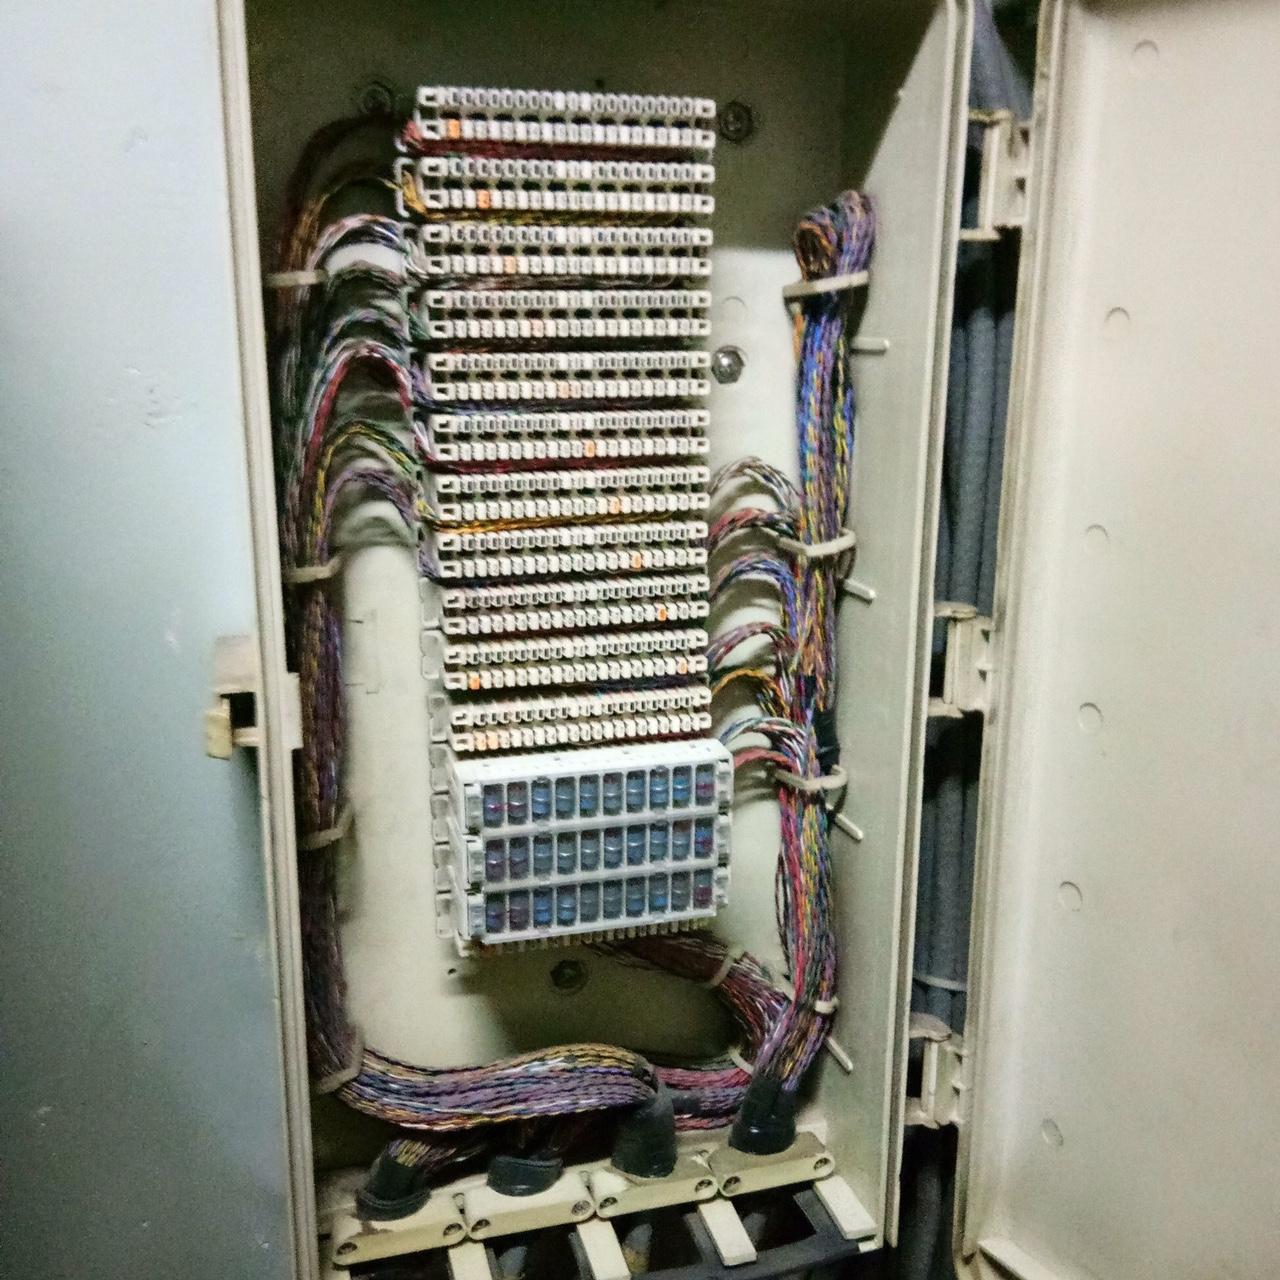 Sửa chữa tổng đài điện thoại tại tp HCM